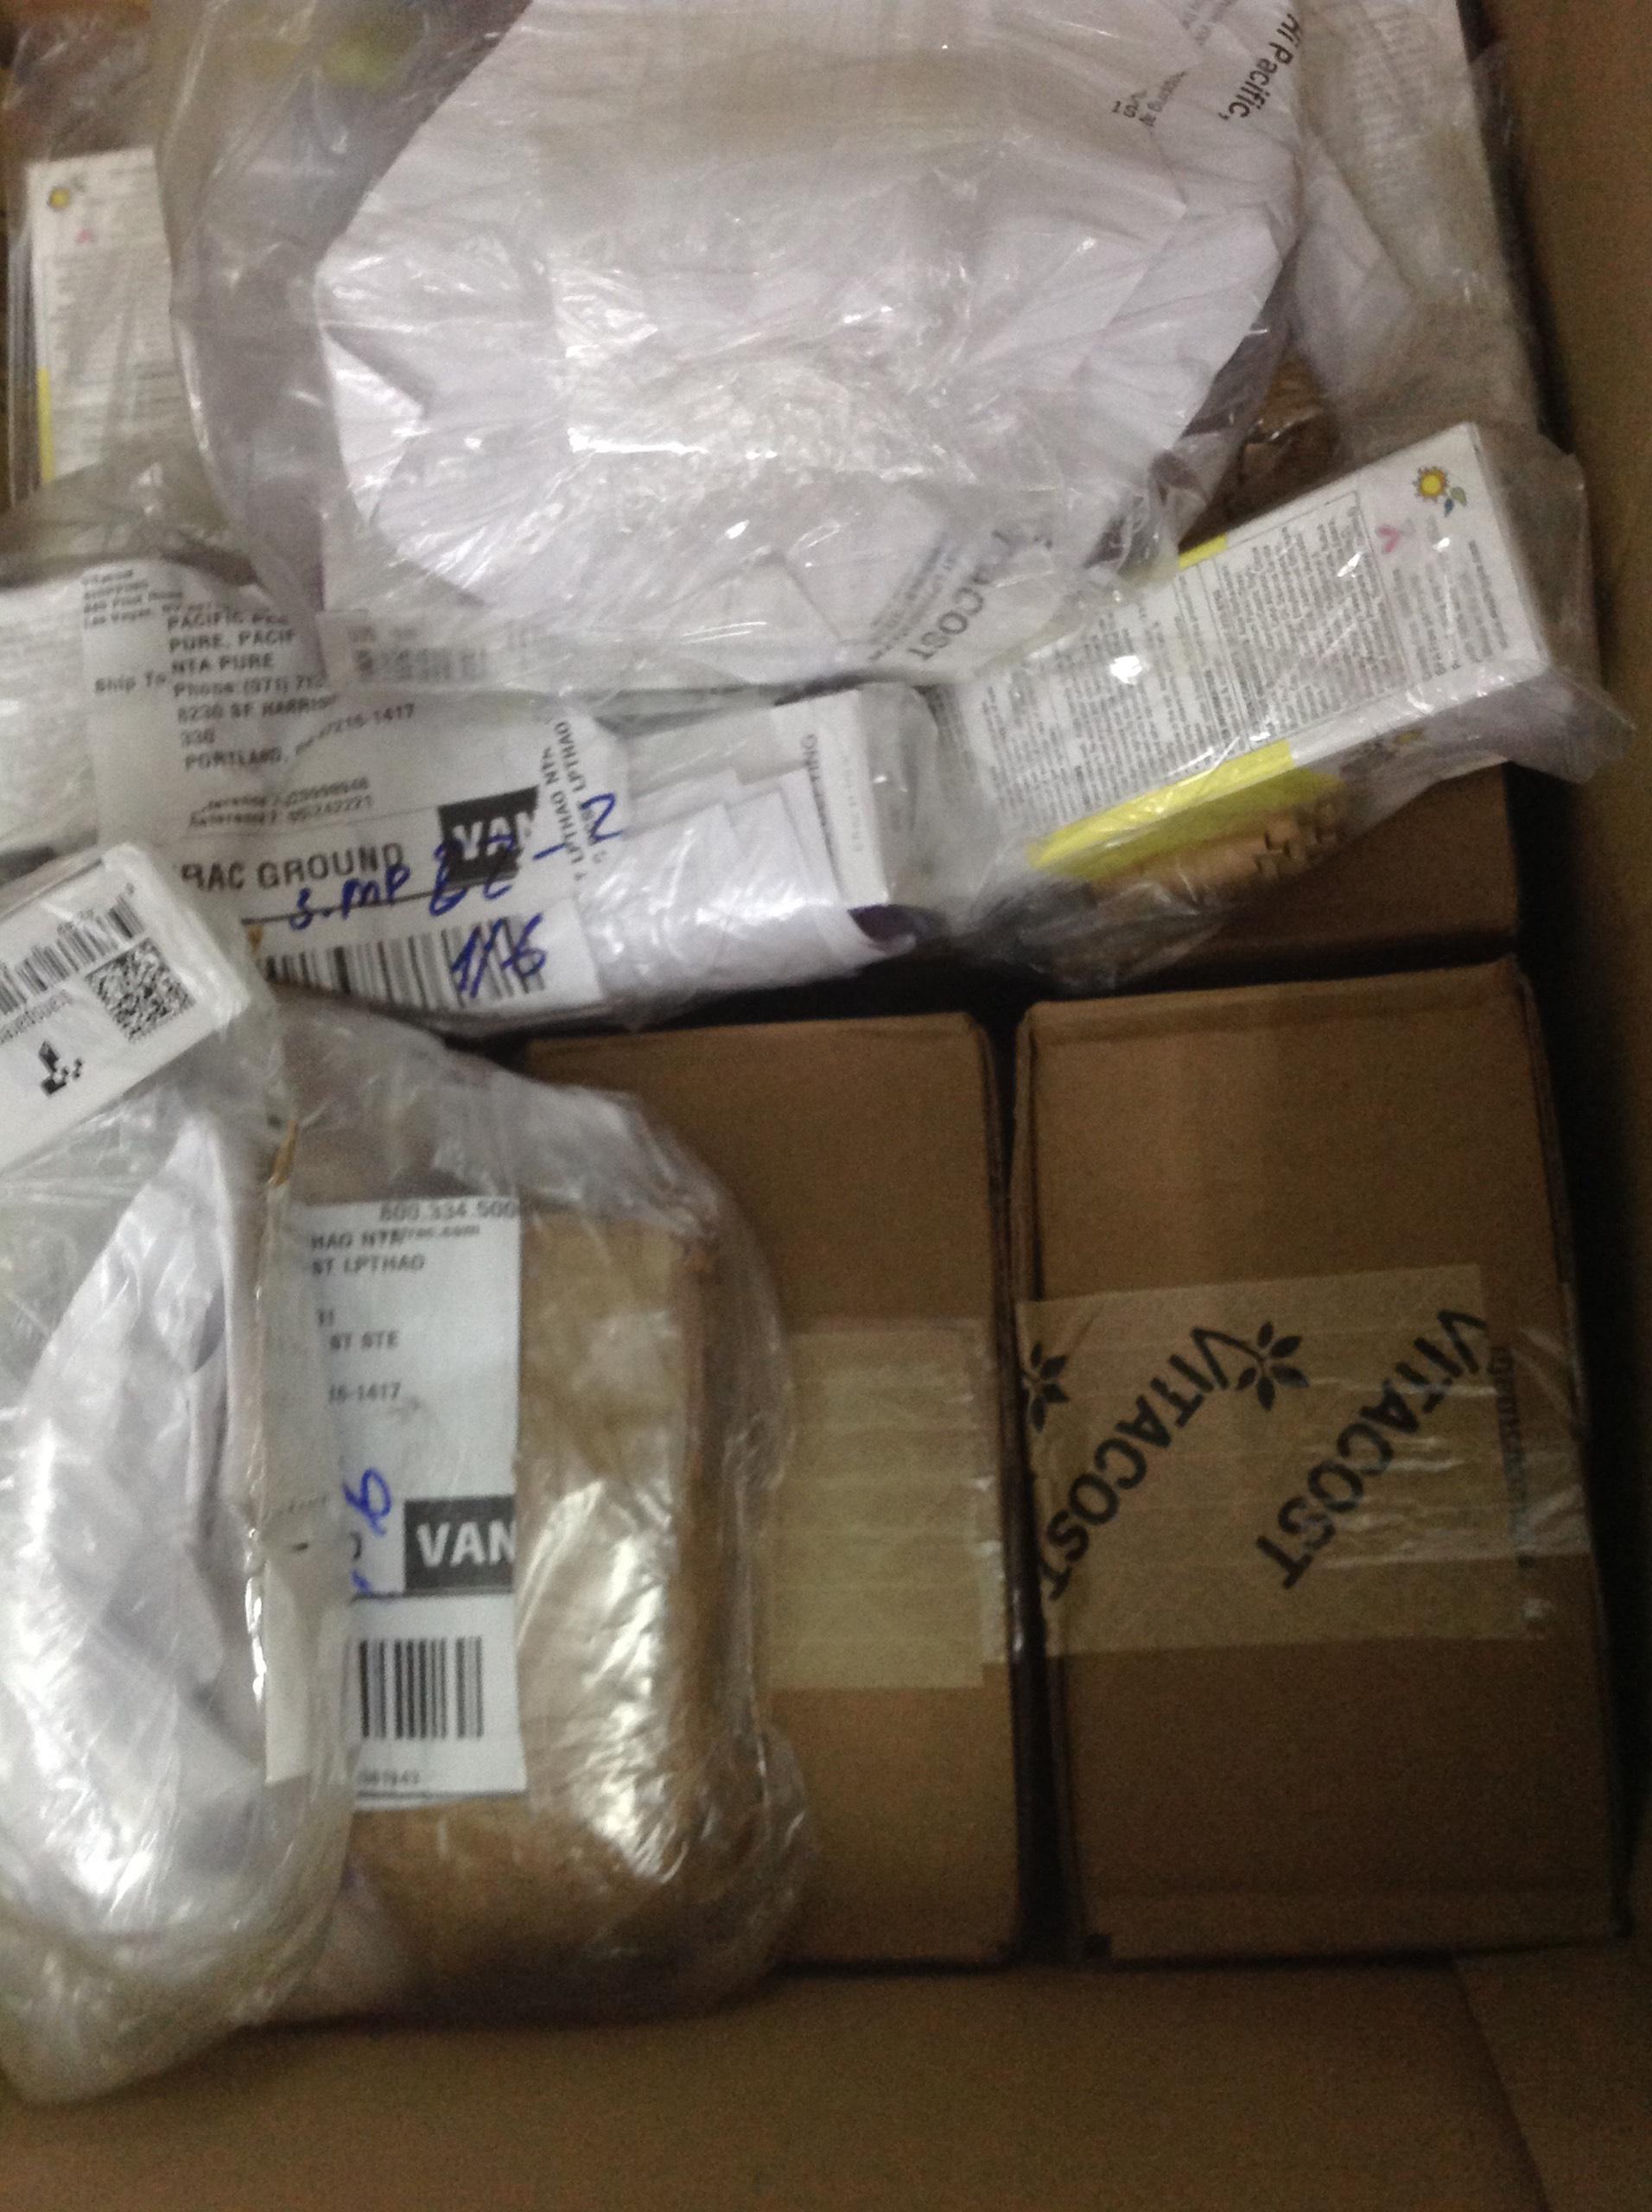 Nhận chuyển phát nhanhhàng xách tay hàng thực phẩm chức năng từ Mỹ về Việt Nam giá rẻ uy tín